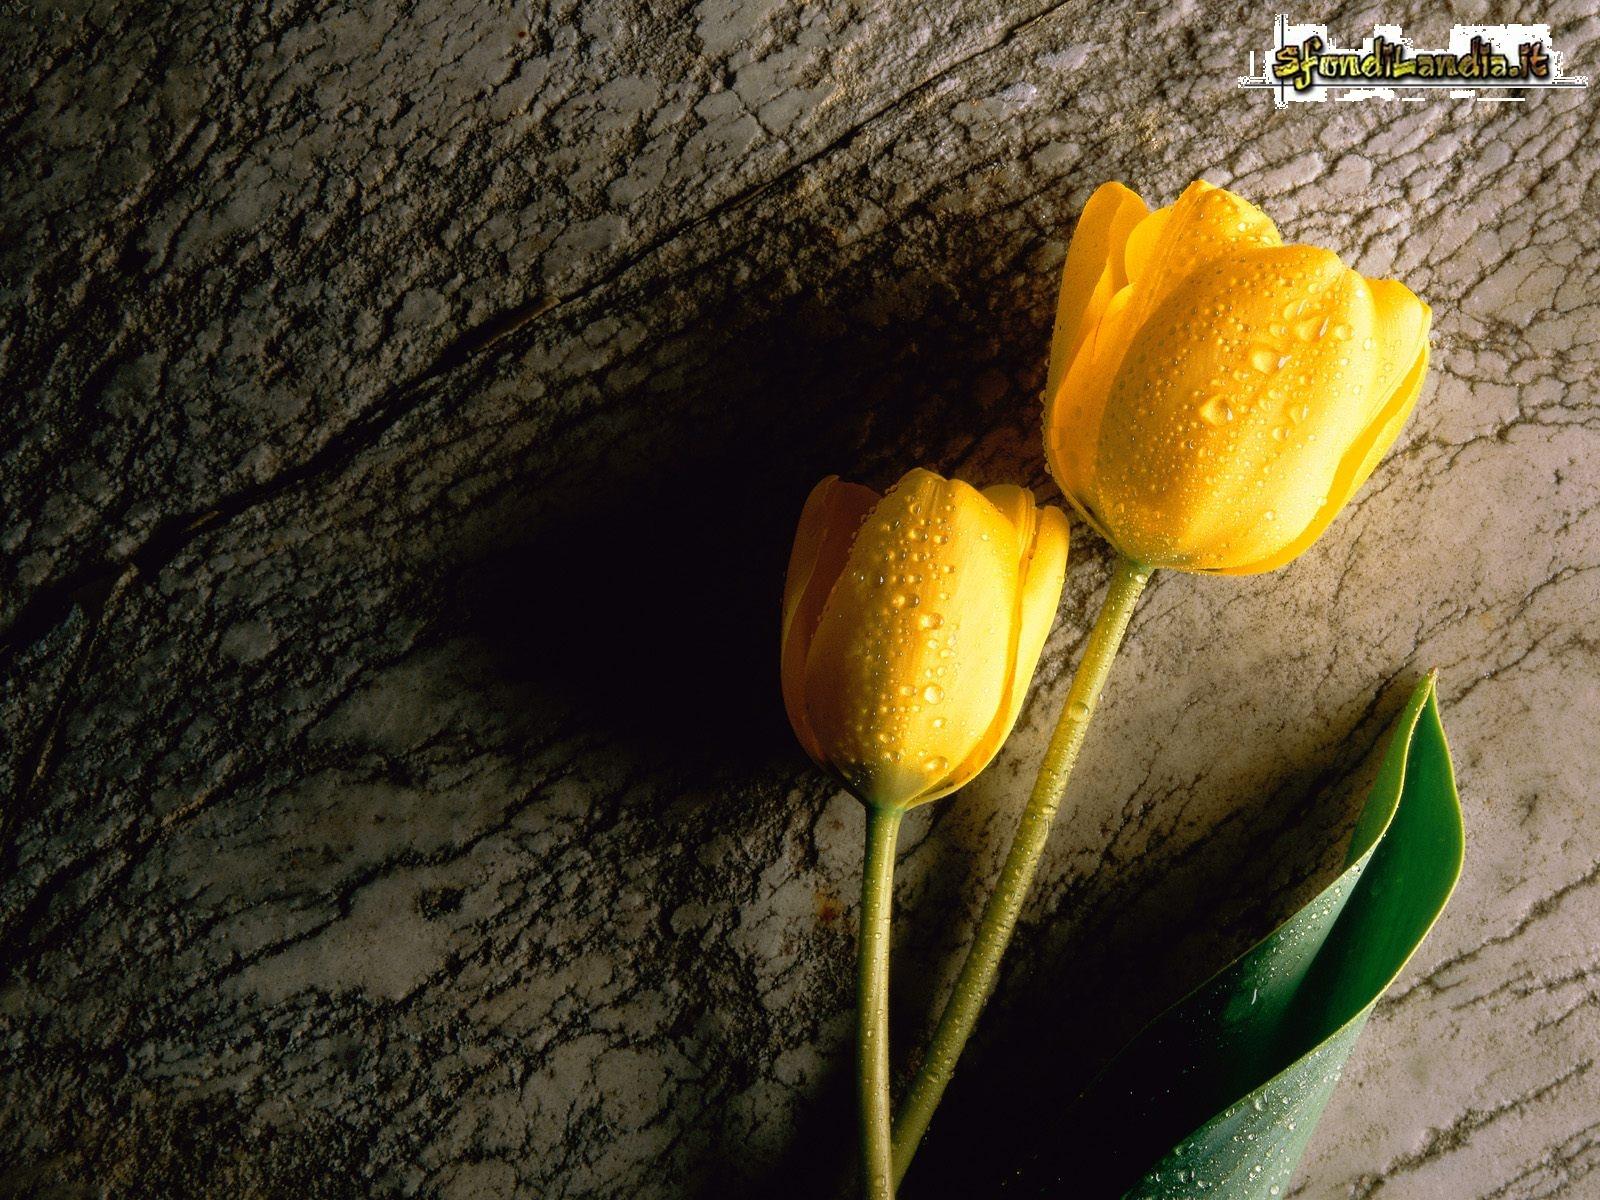 Sfondilandiait Sfondo Gratis Di Tulipani Gialli Per Desktop